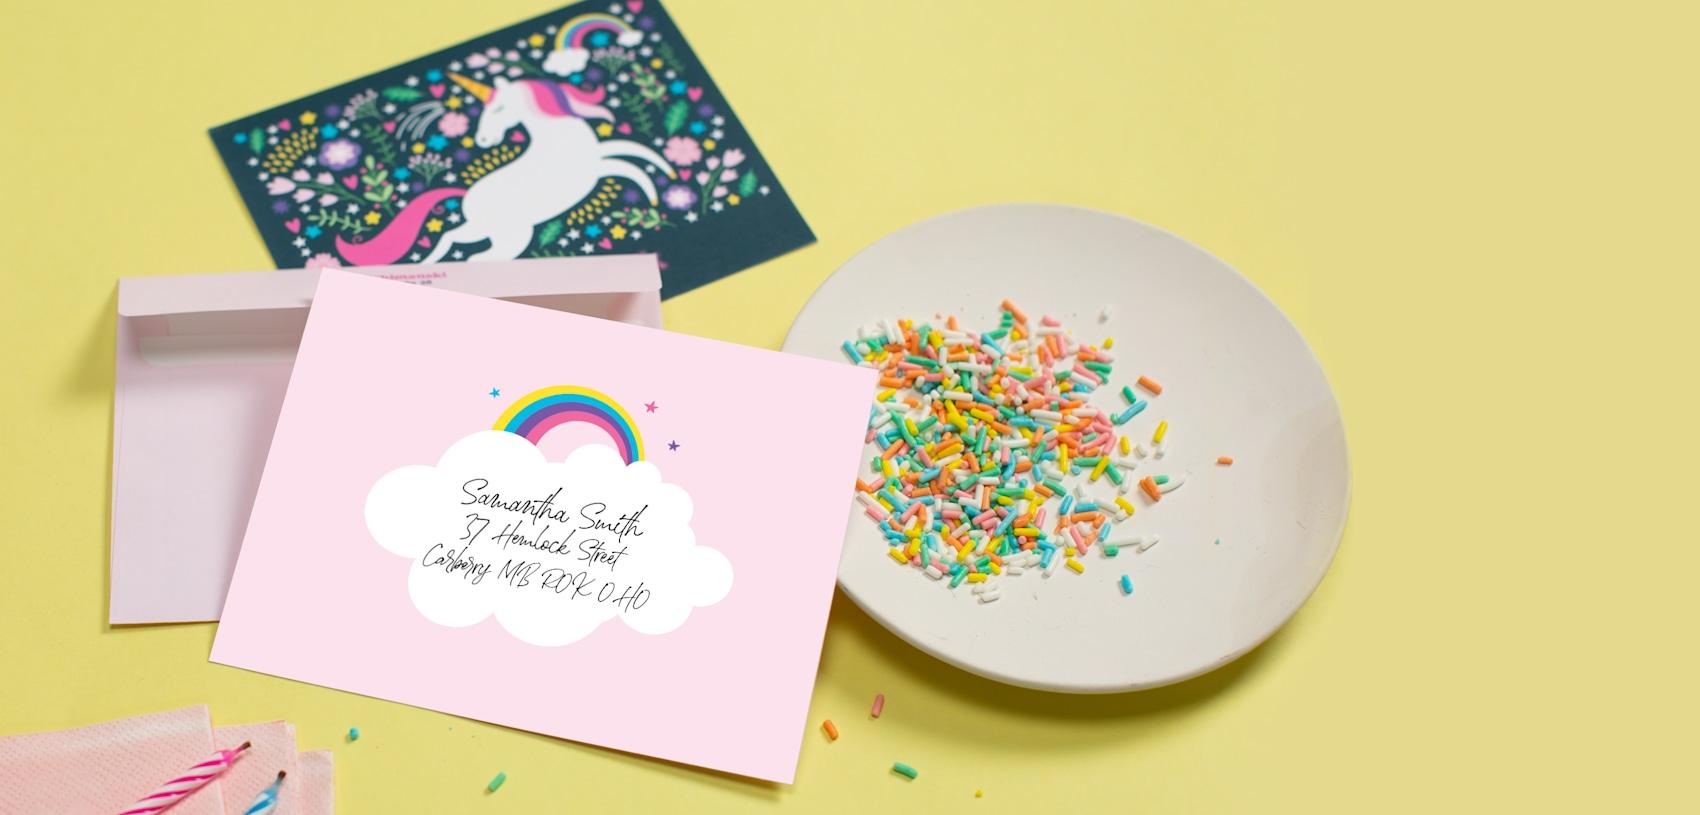 custom envelopes with rainbow